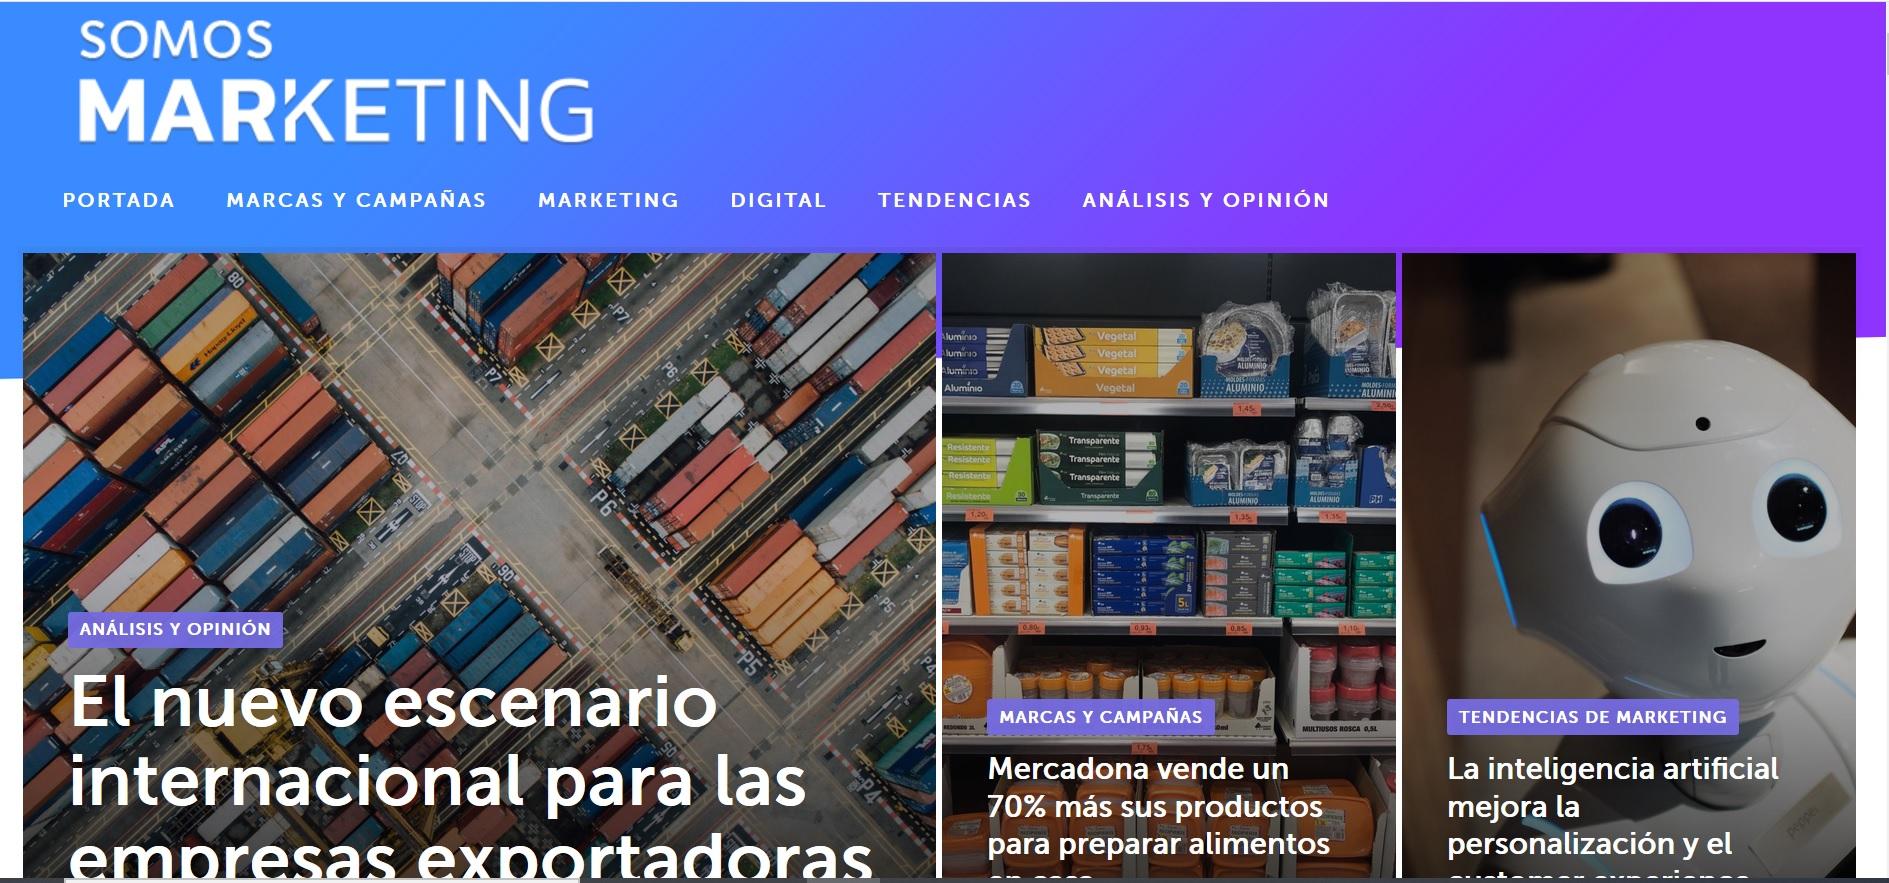 Nuevo artículo en Las Provincias-Somos Marketing